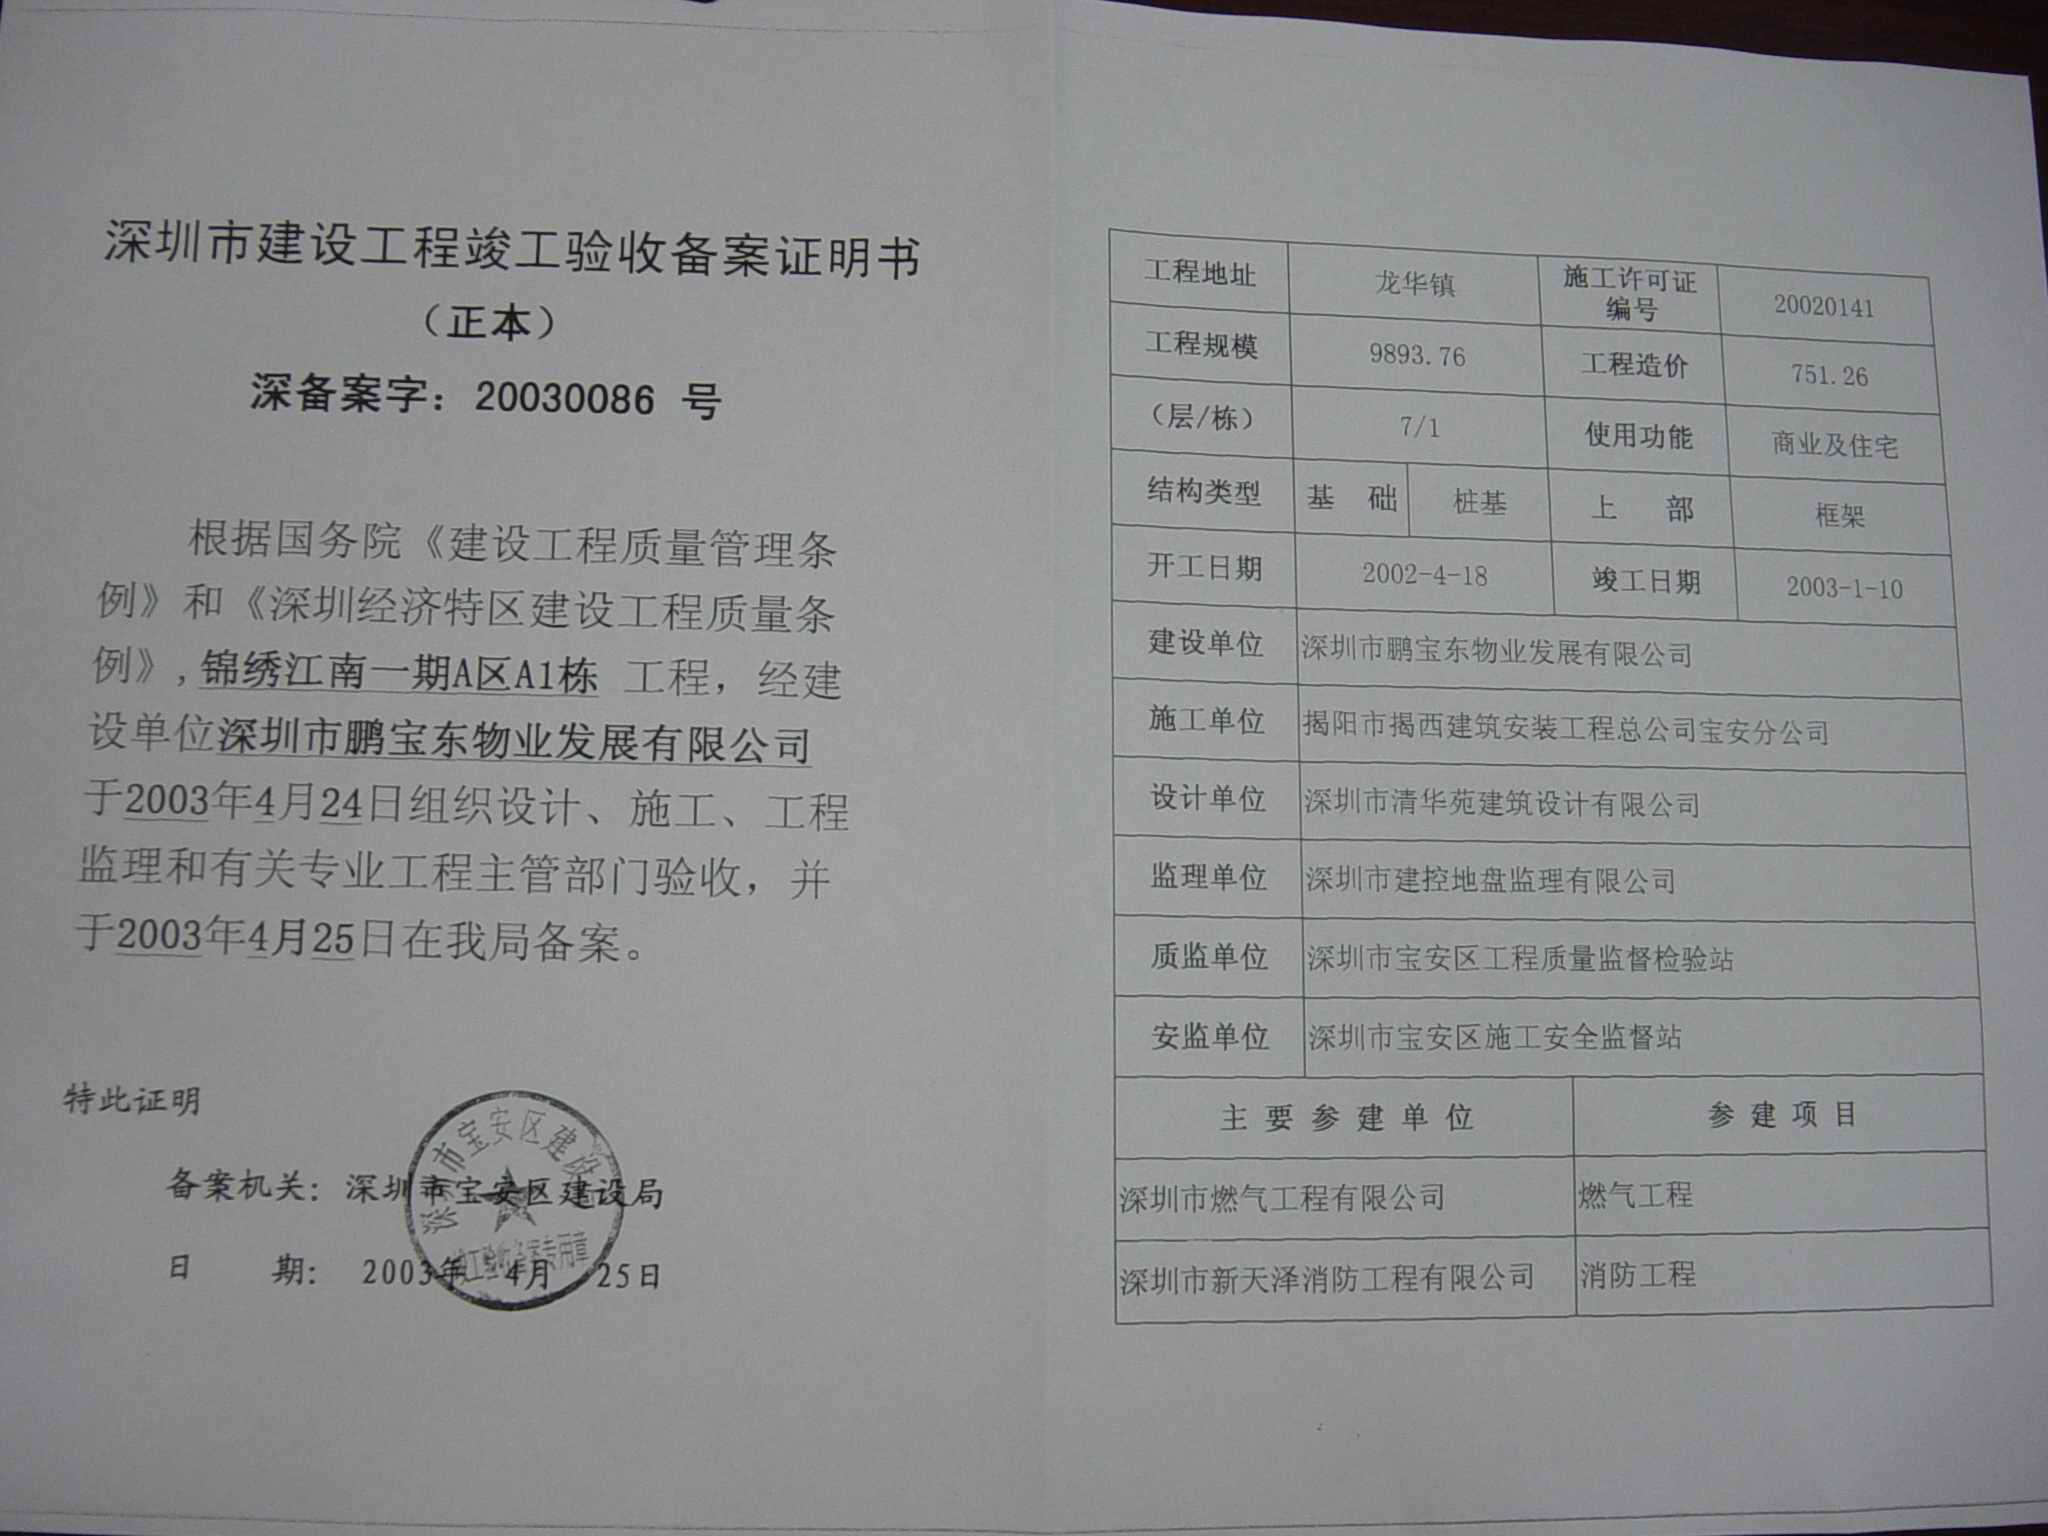 郑重声明 江南从入伙的第一天起就有合法的竣工验收证书等